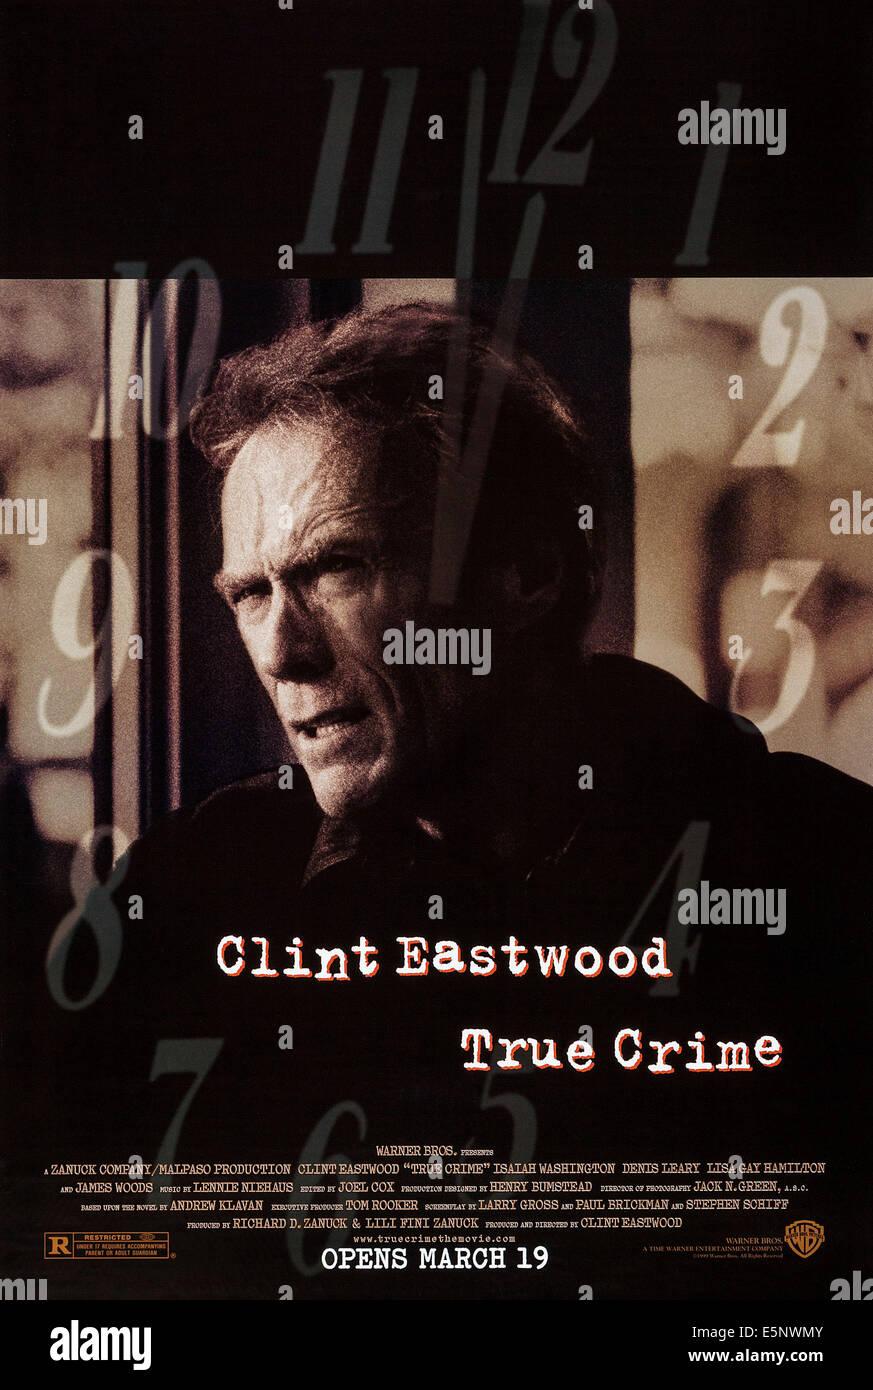 Clint Eastwood Portrait Stockfotos   Clint Eastwood Portrait Bilder ... 46b26e474c8